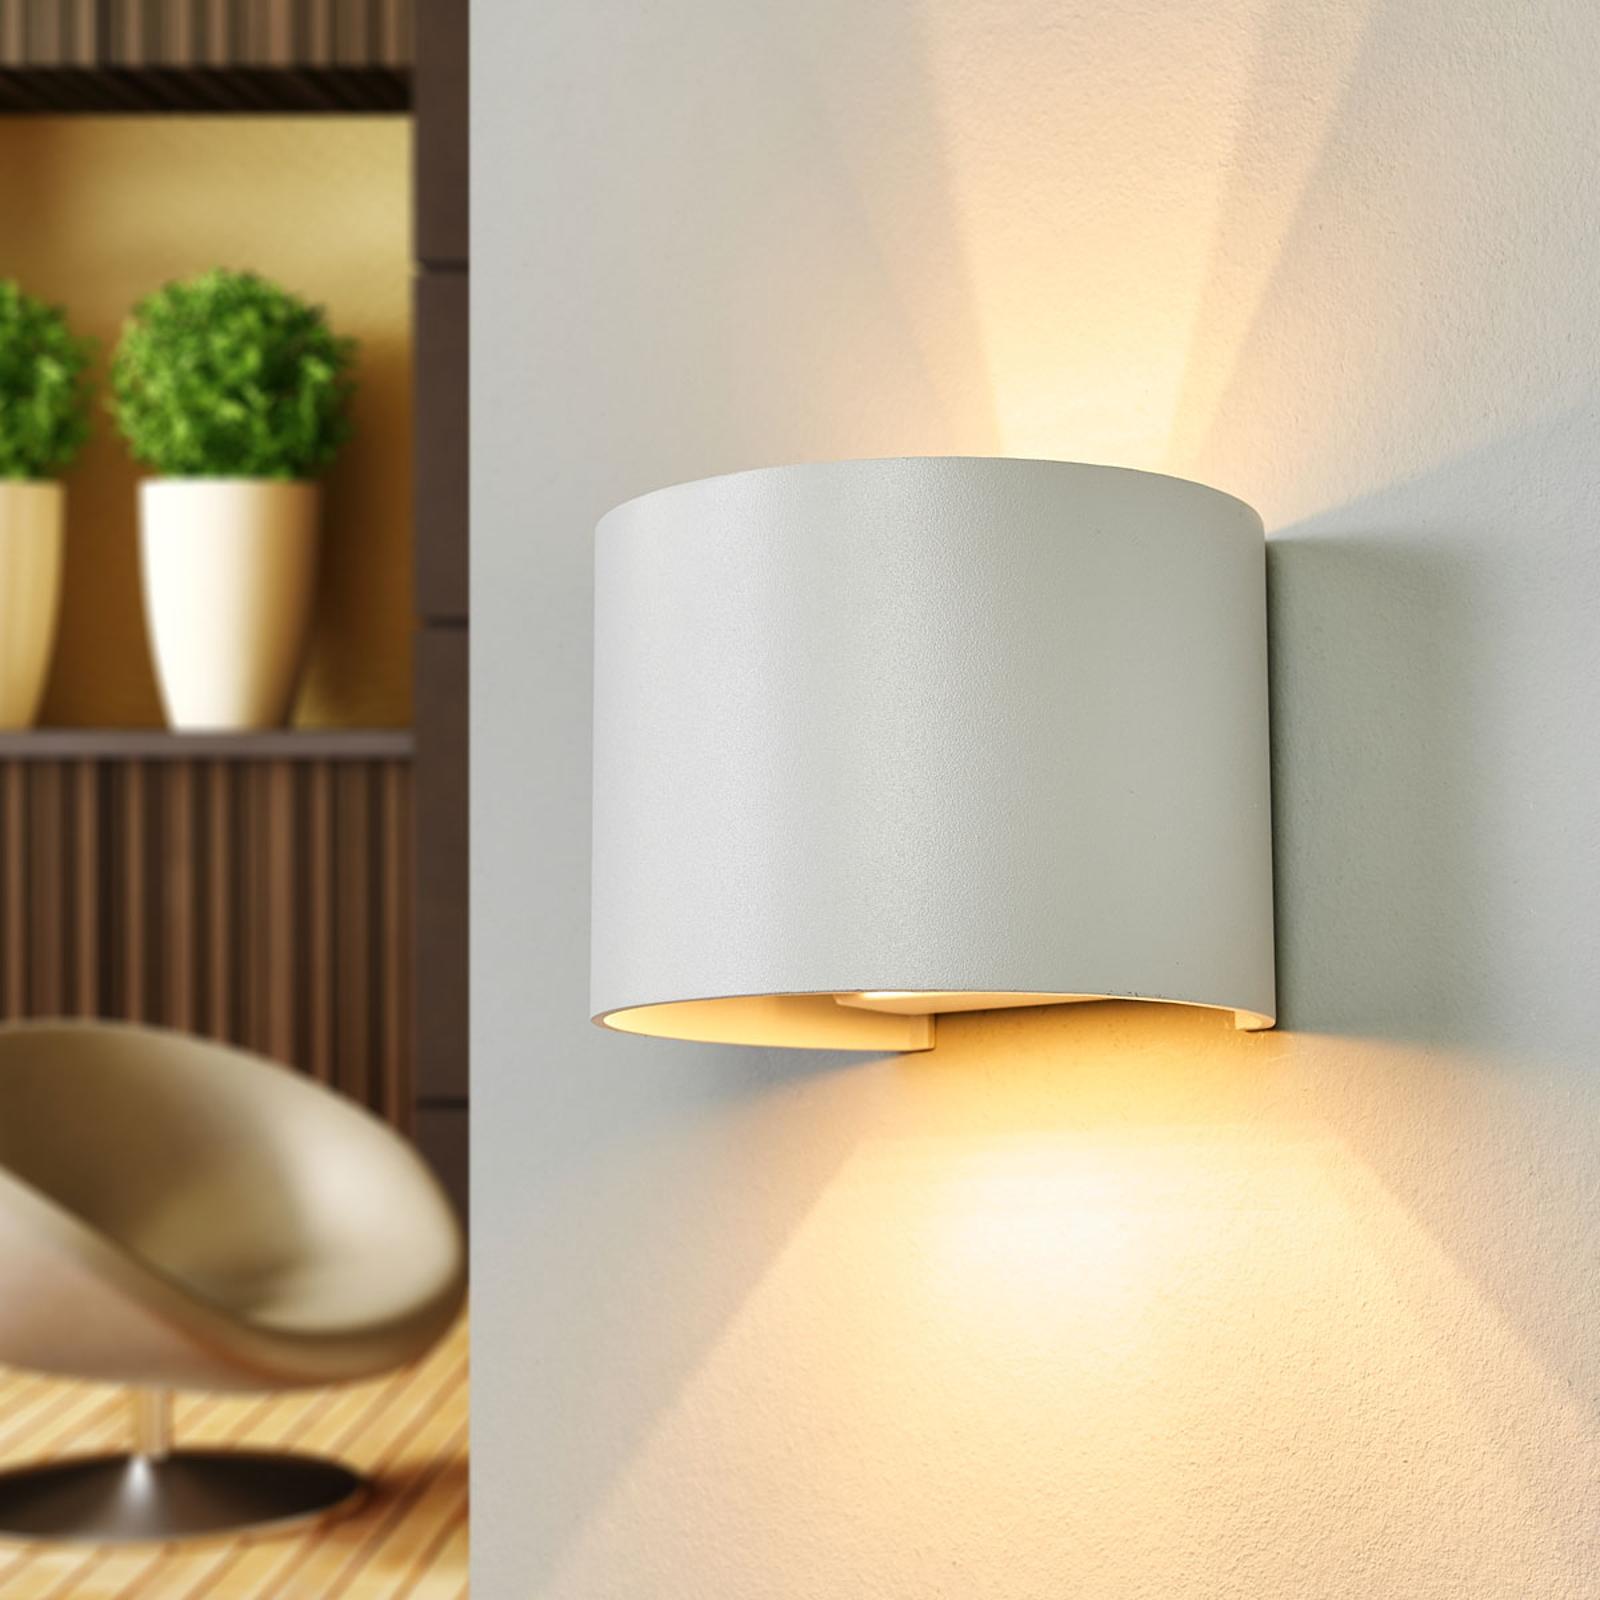 LED-seinävalaisin Xio, leveys 13 cm, valkoinen